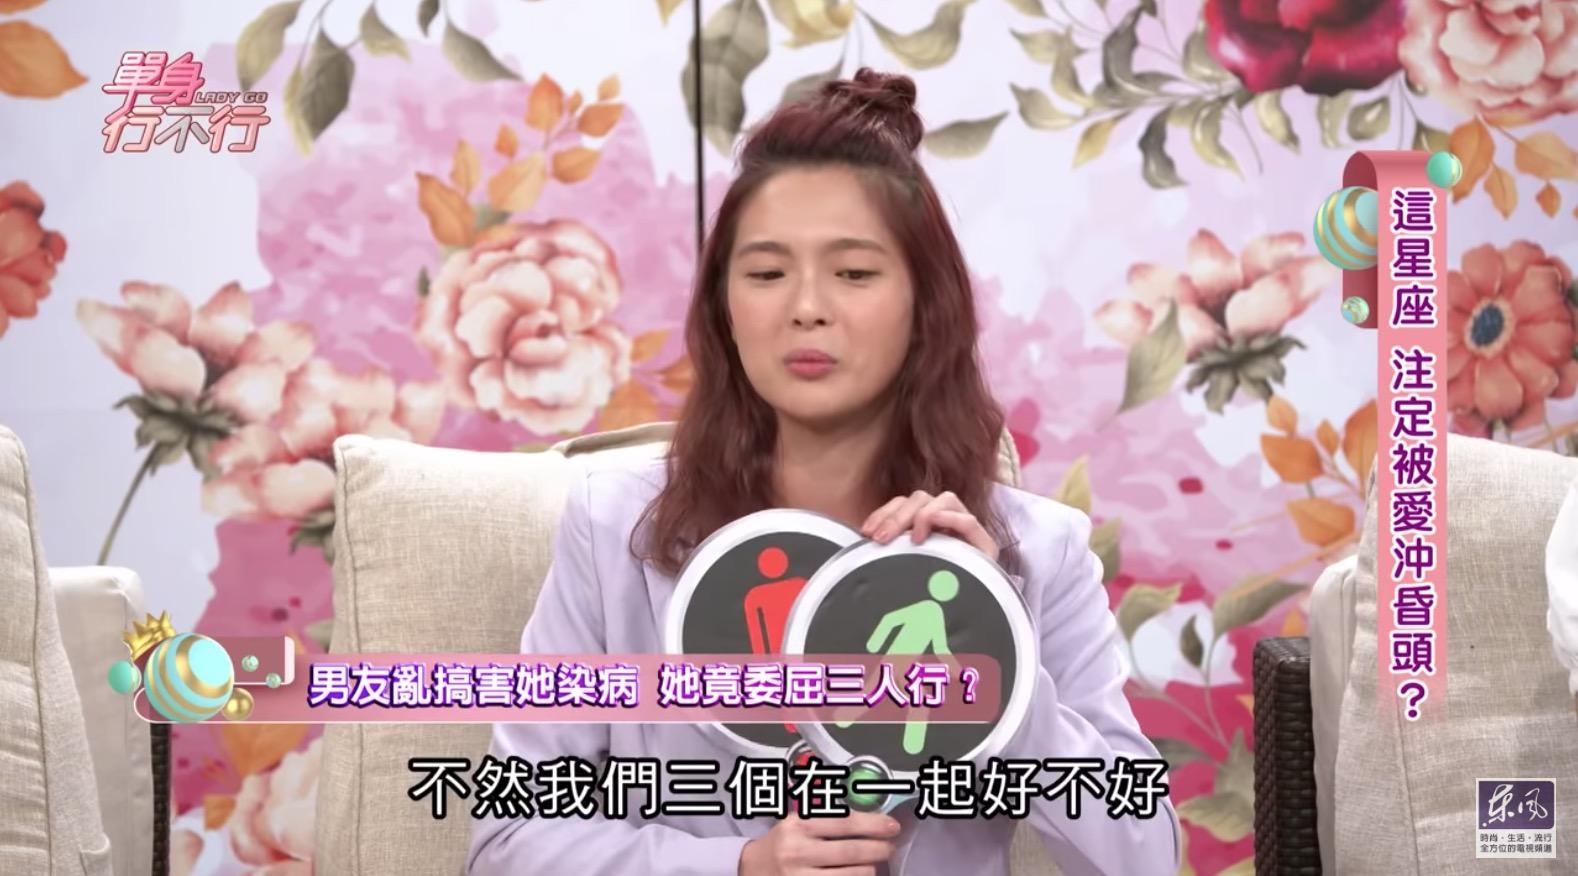 小猪黄沐妍曾被男友劈腿仍不愿分手!委屈要求「不如我们三人行好不好?」 - 收藏派